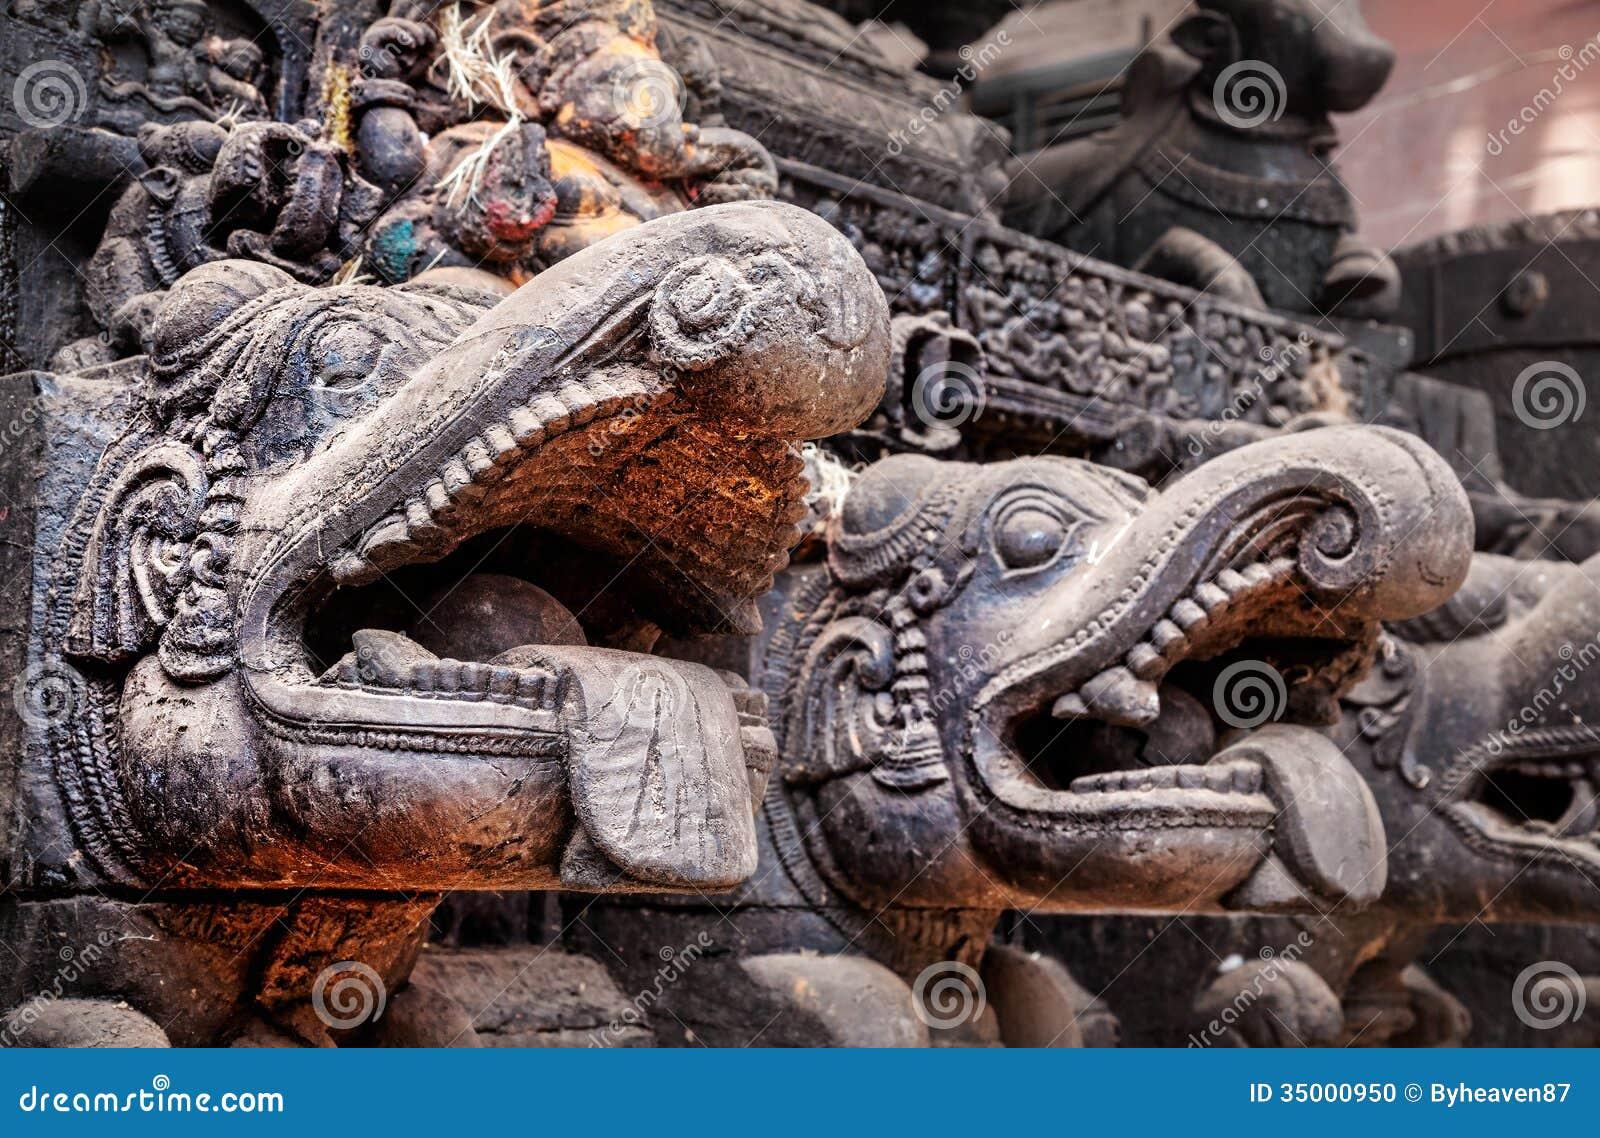 hindu-gods-chariot-carved-mythological-a